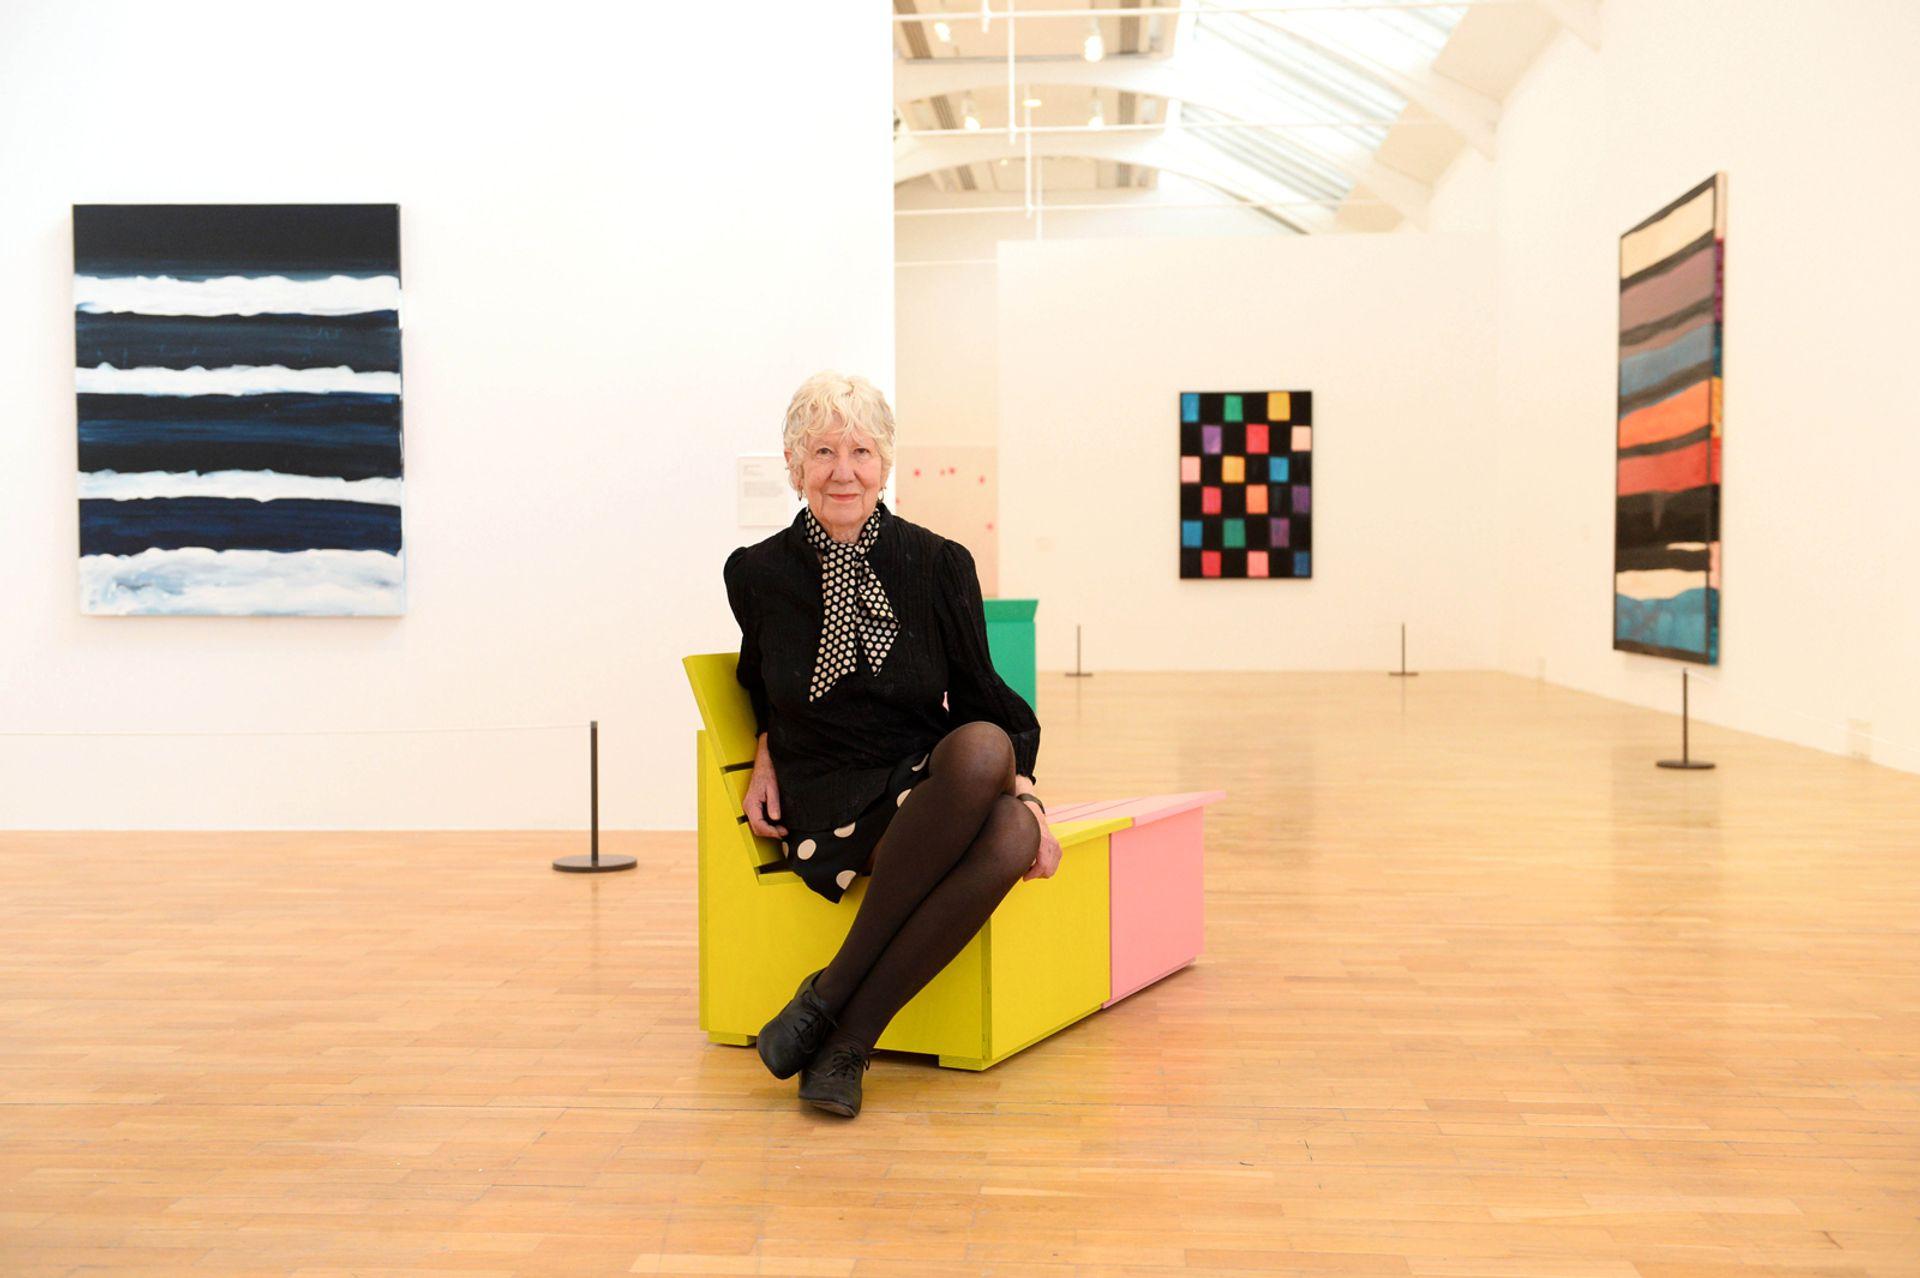 Mary Heilmann at the Whitechapel Gallery in 2016. Heilmann's show Past Present Future at Hauser & Wirth Zurich is now online © Matt Crossick/PA Wire